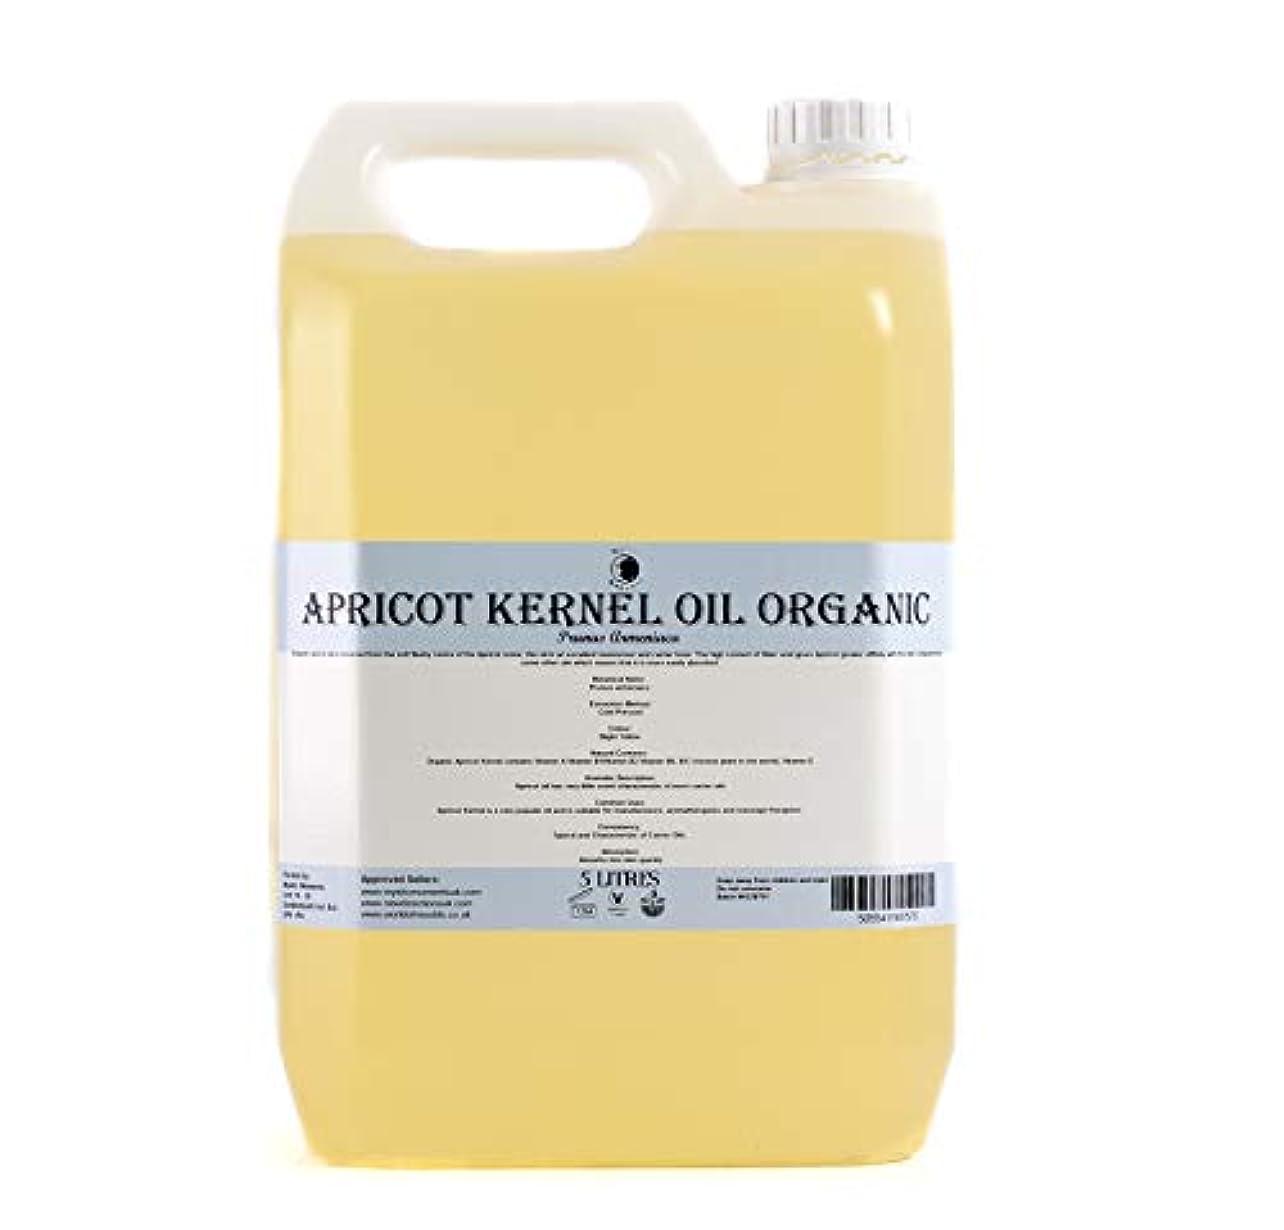 逆お請求書Mystic Moments | Apricot Kernel Organic Carrier Oil - 5 Litres - 100% Pure